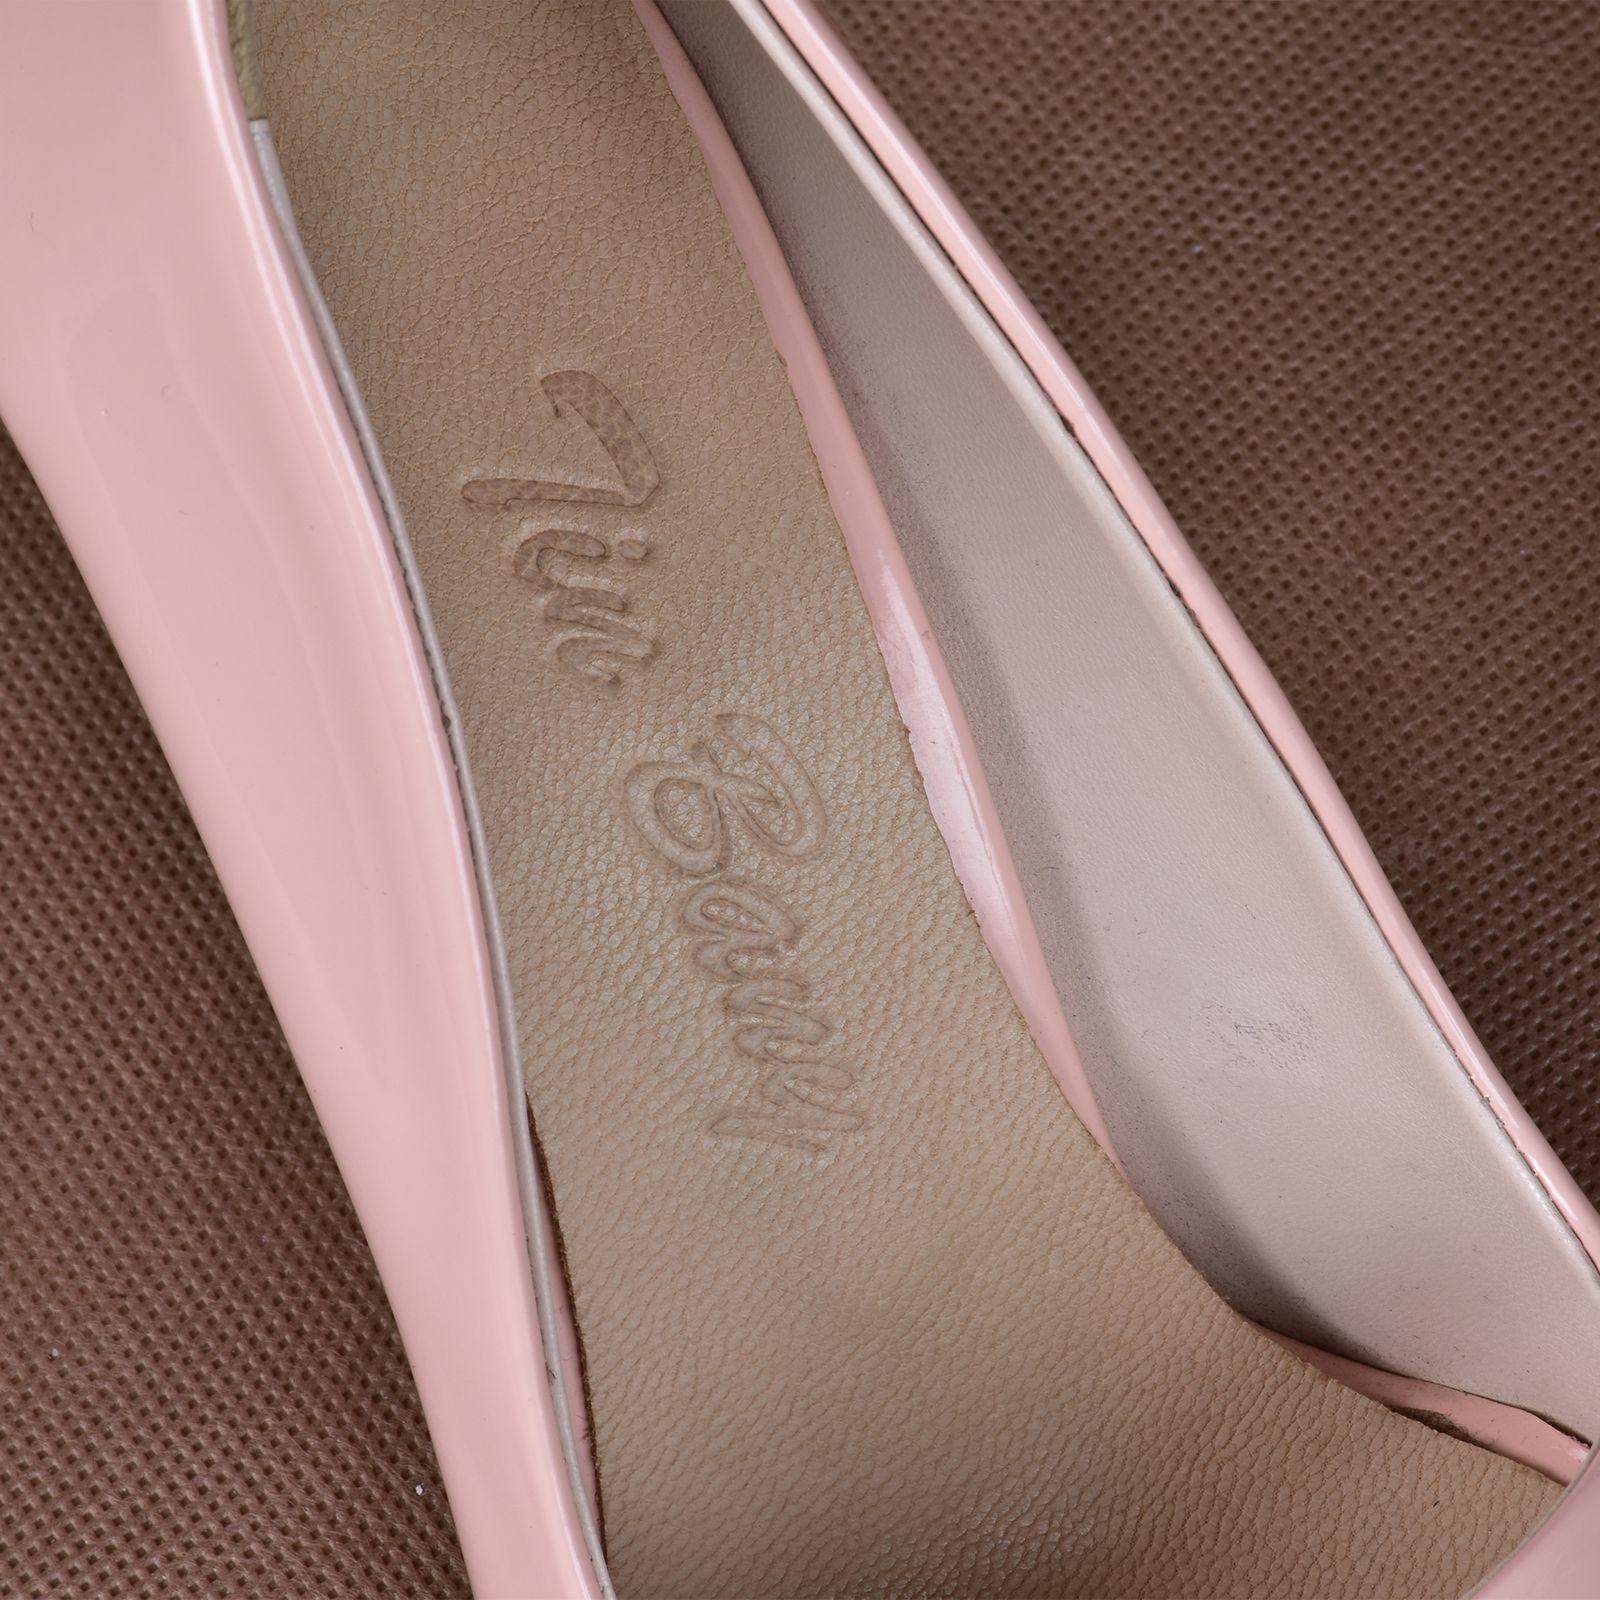 کفش زنانه تین بانی مدل ویکتوریا کد 31 -  - 5